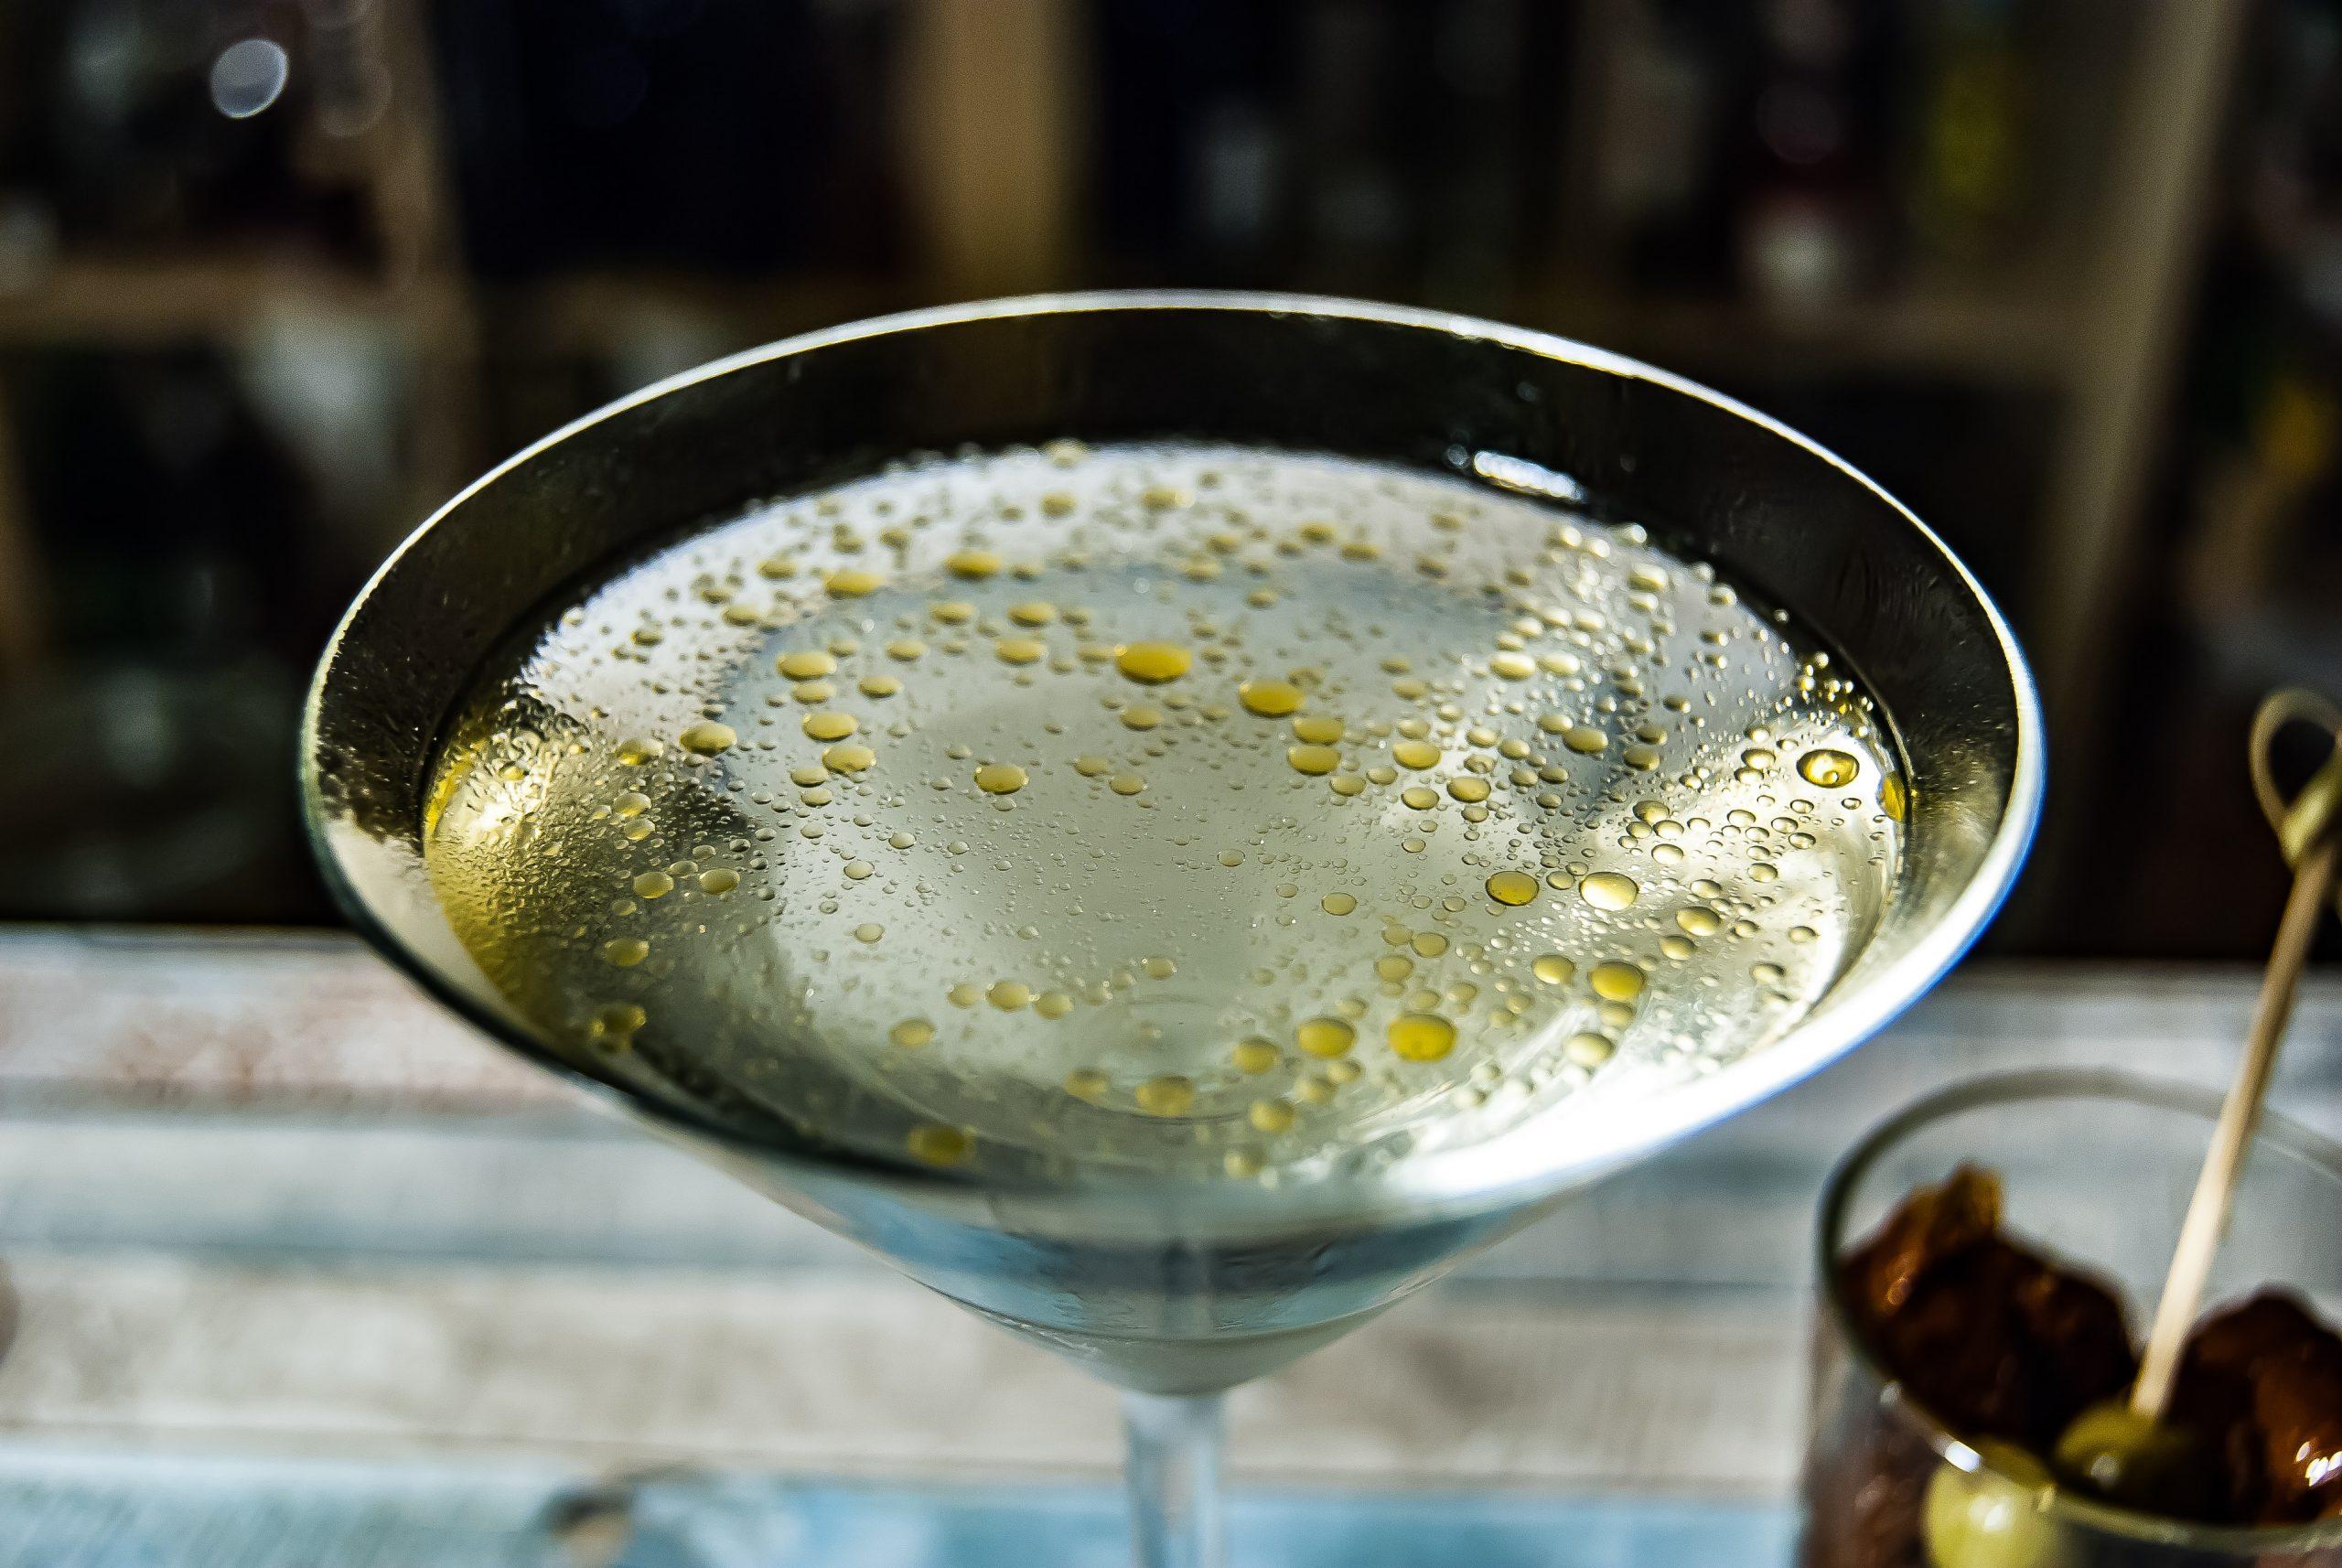 martini vermut fiyatı 2020